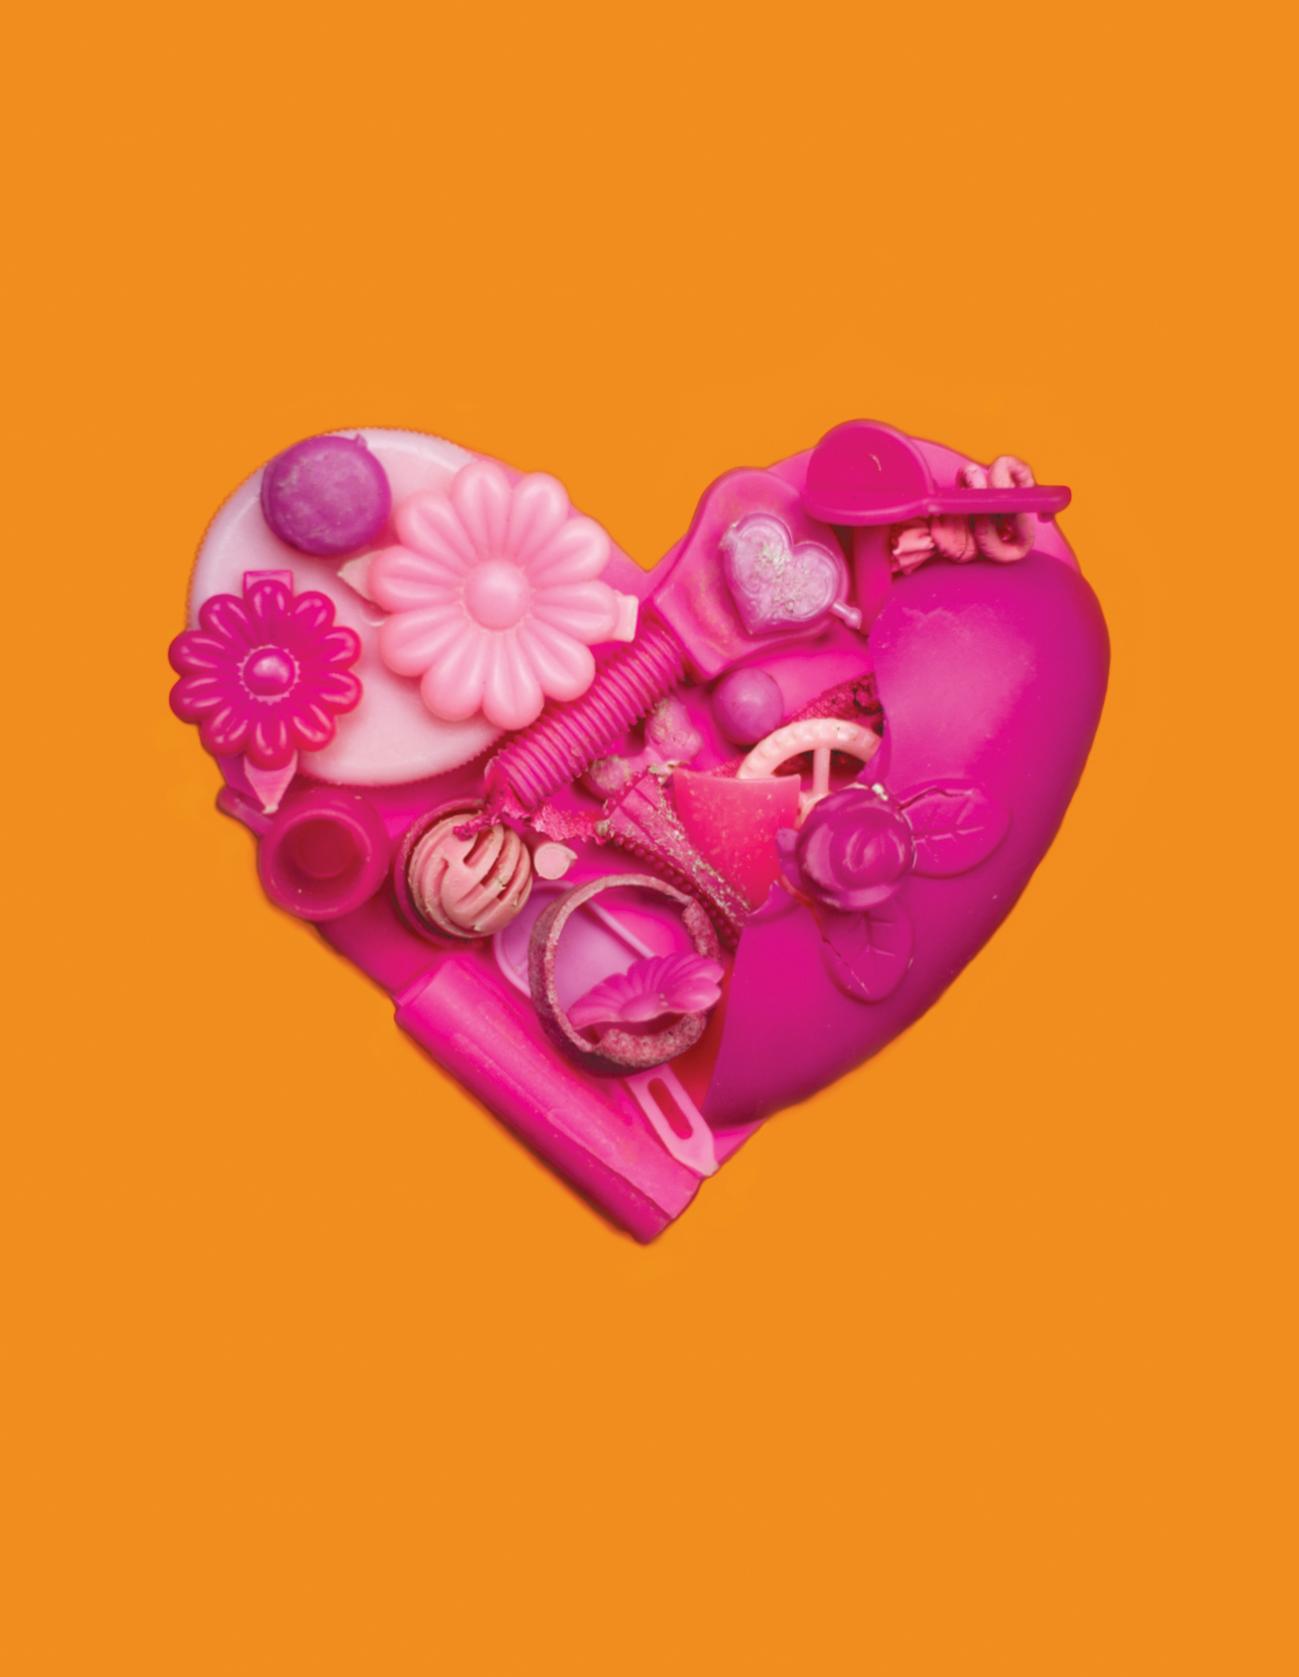 pink_orange_valentine_front_flat_final.jpg